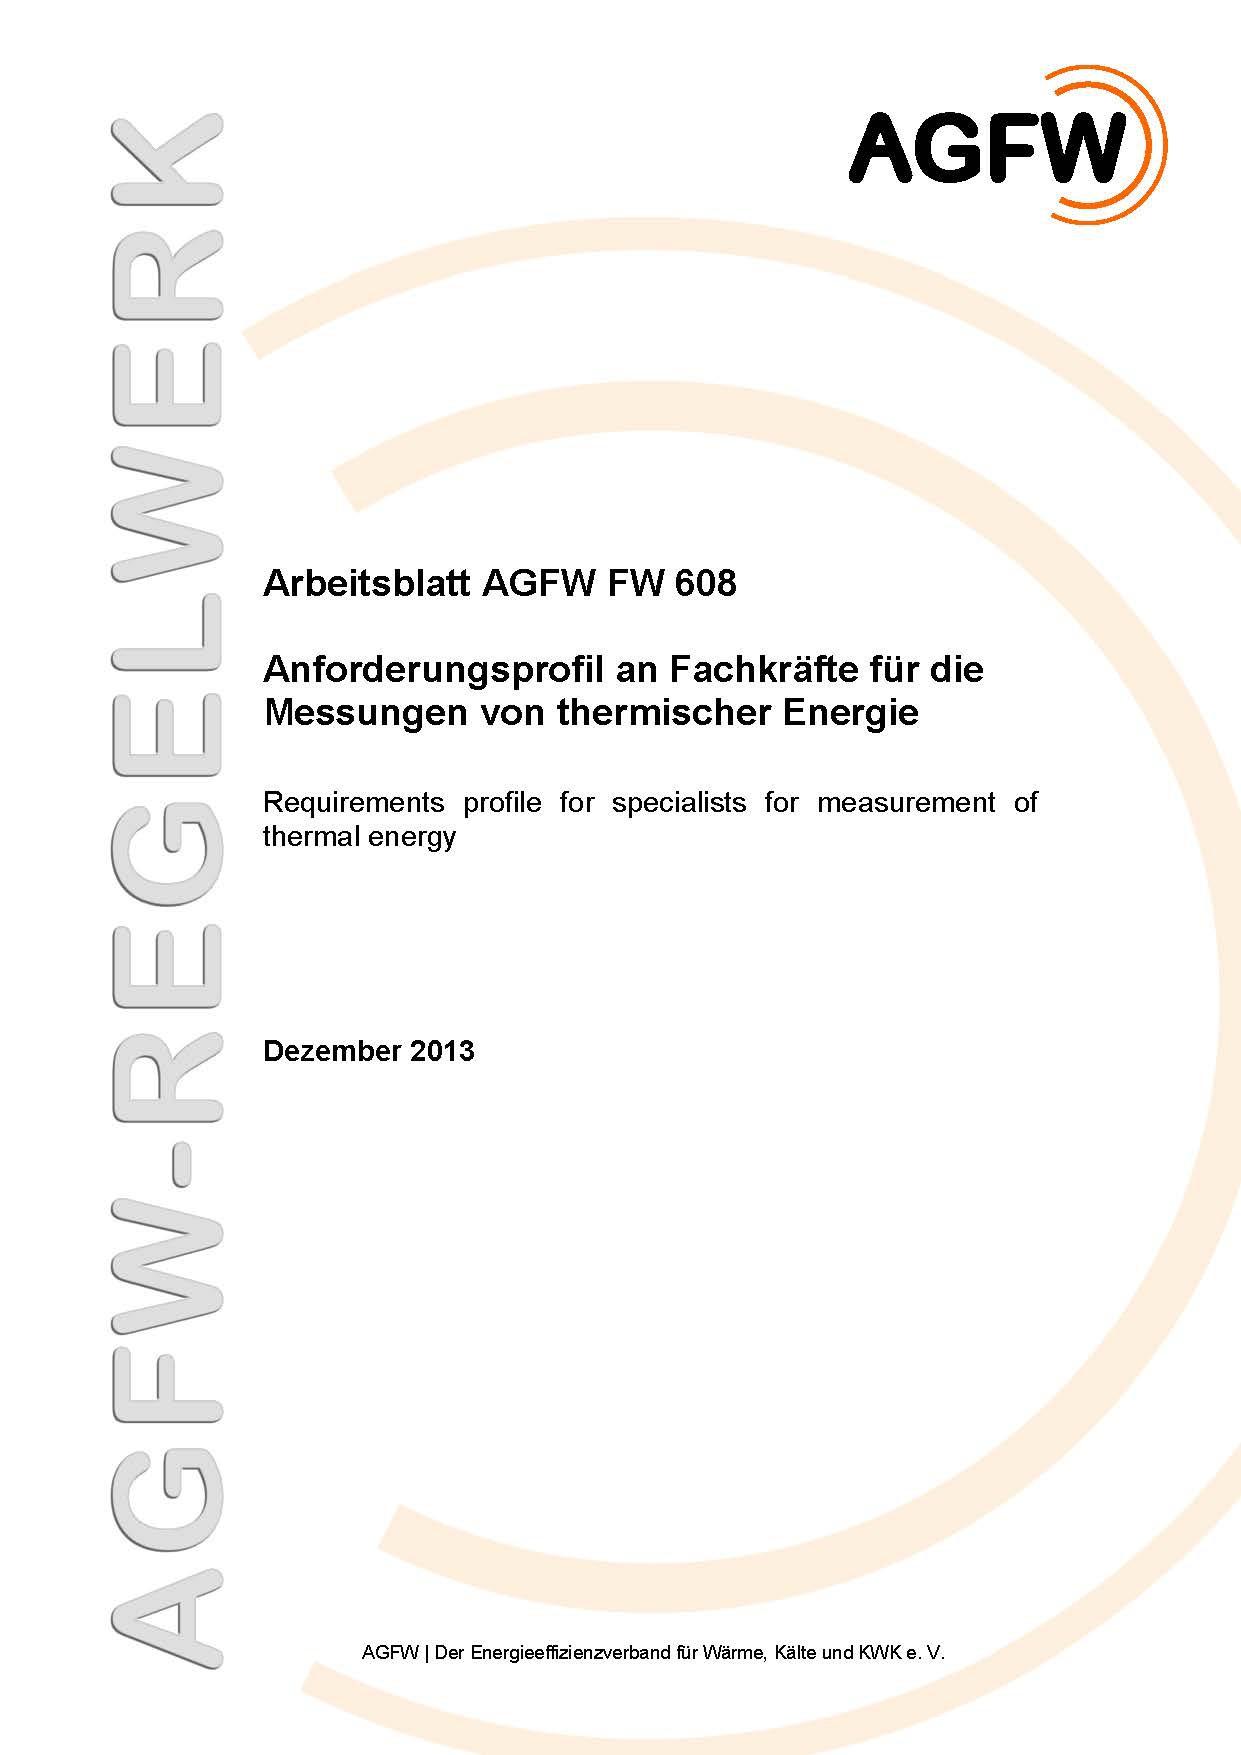 FW 608 - Anforderungsprofil an Fachkräfte für die Messungen von ...